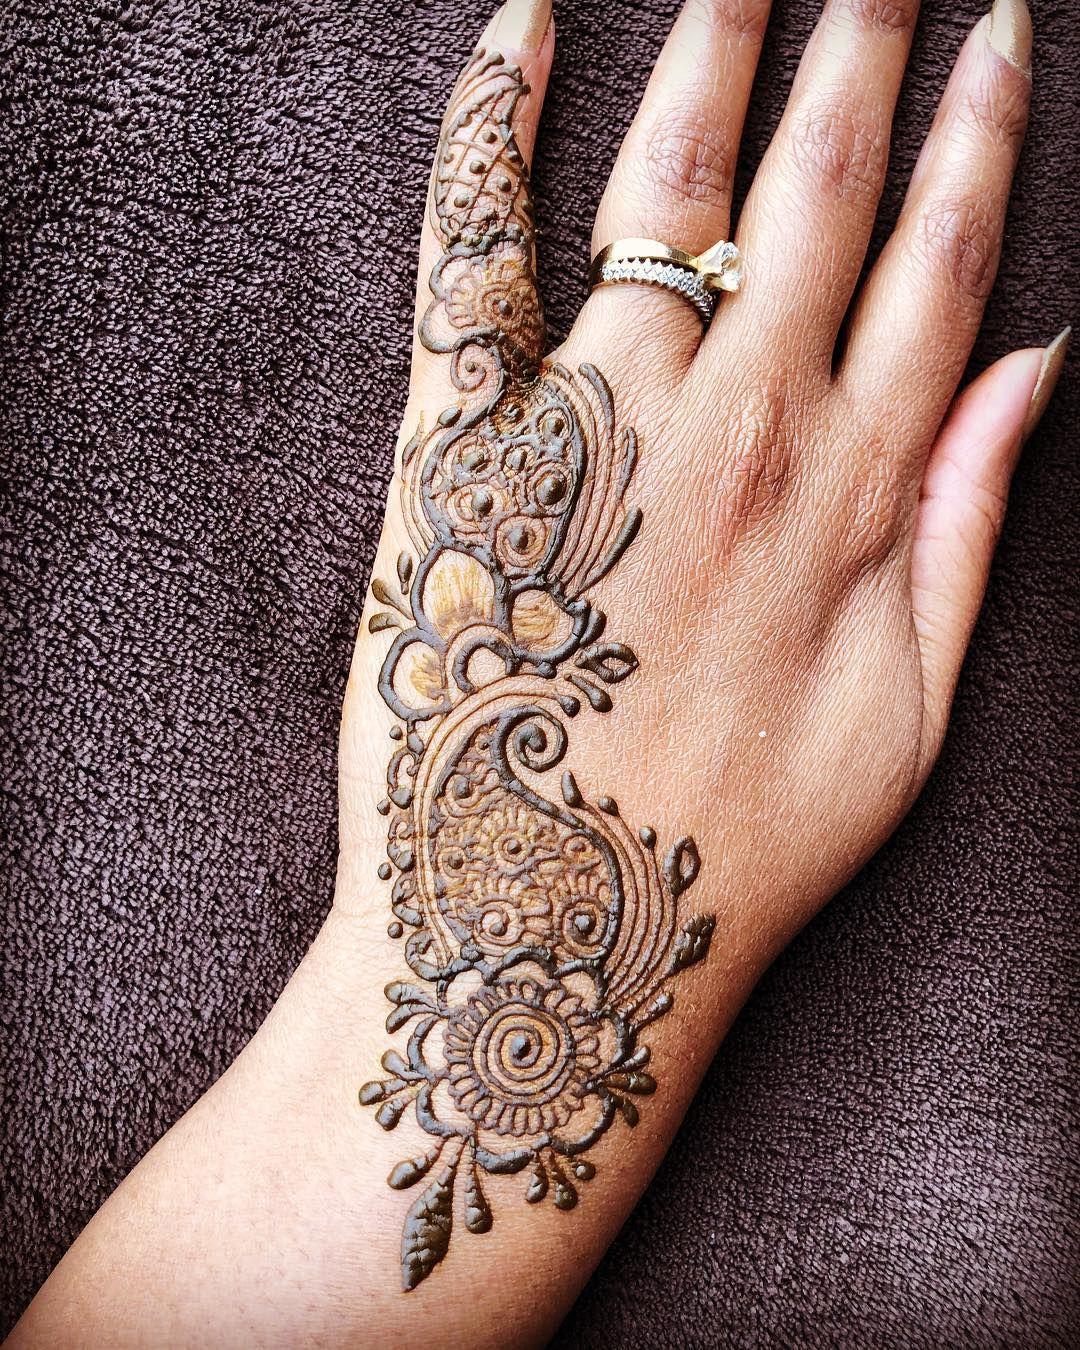 Henna hennadesign hennatattoo hennaart art artist tattoo